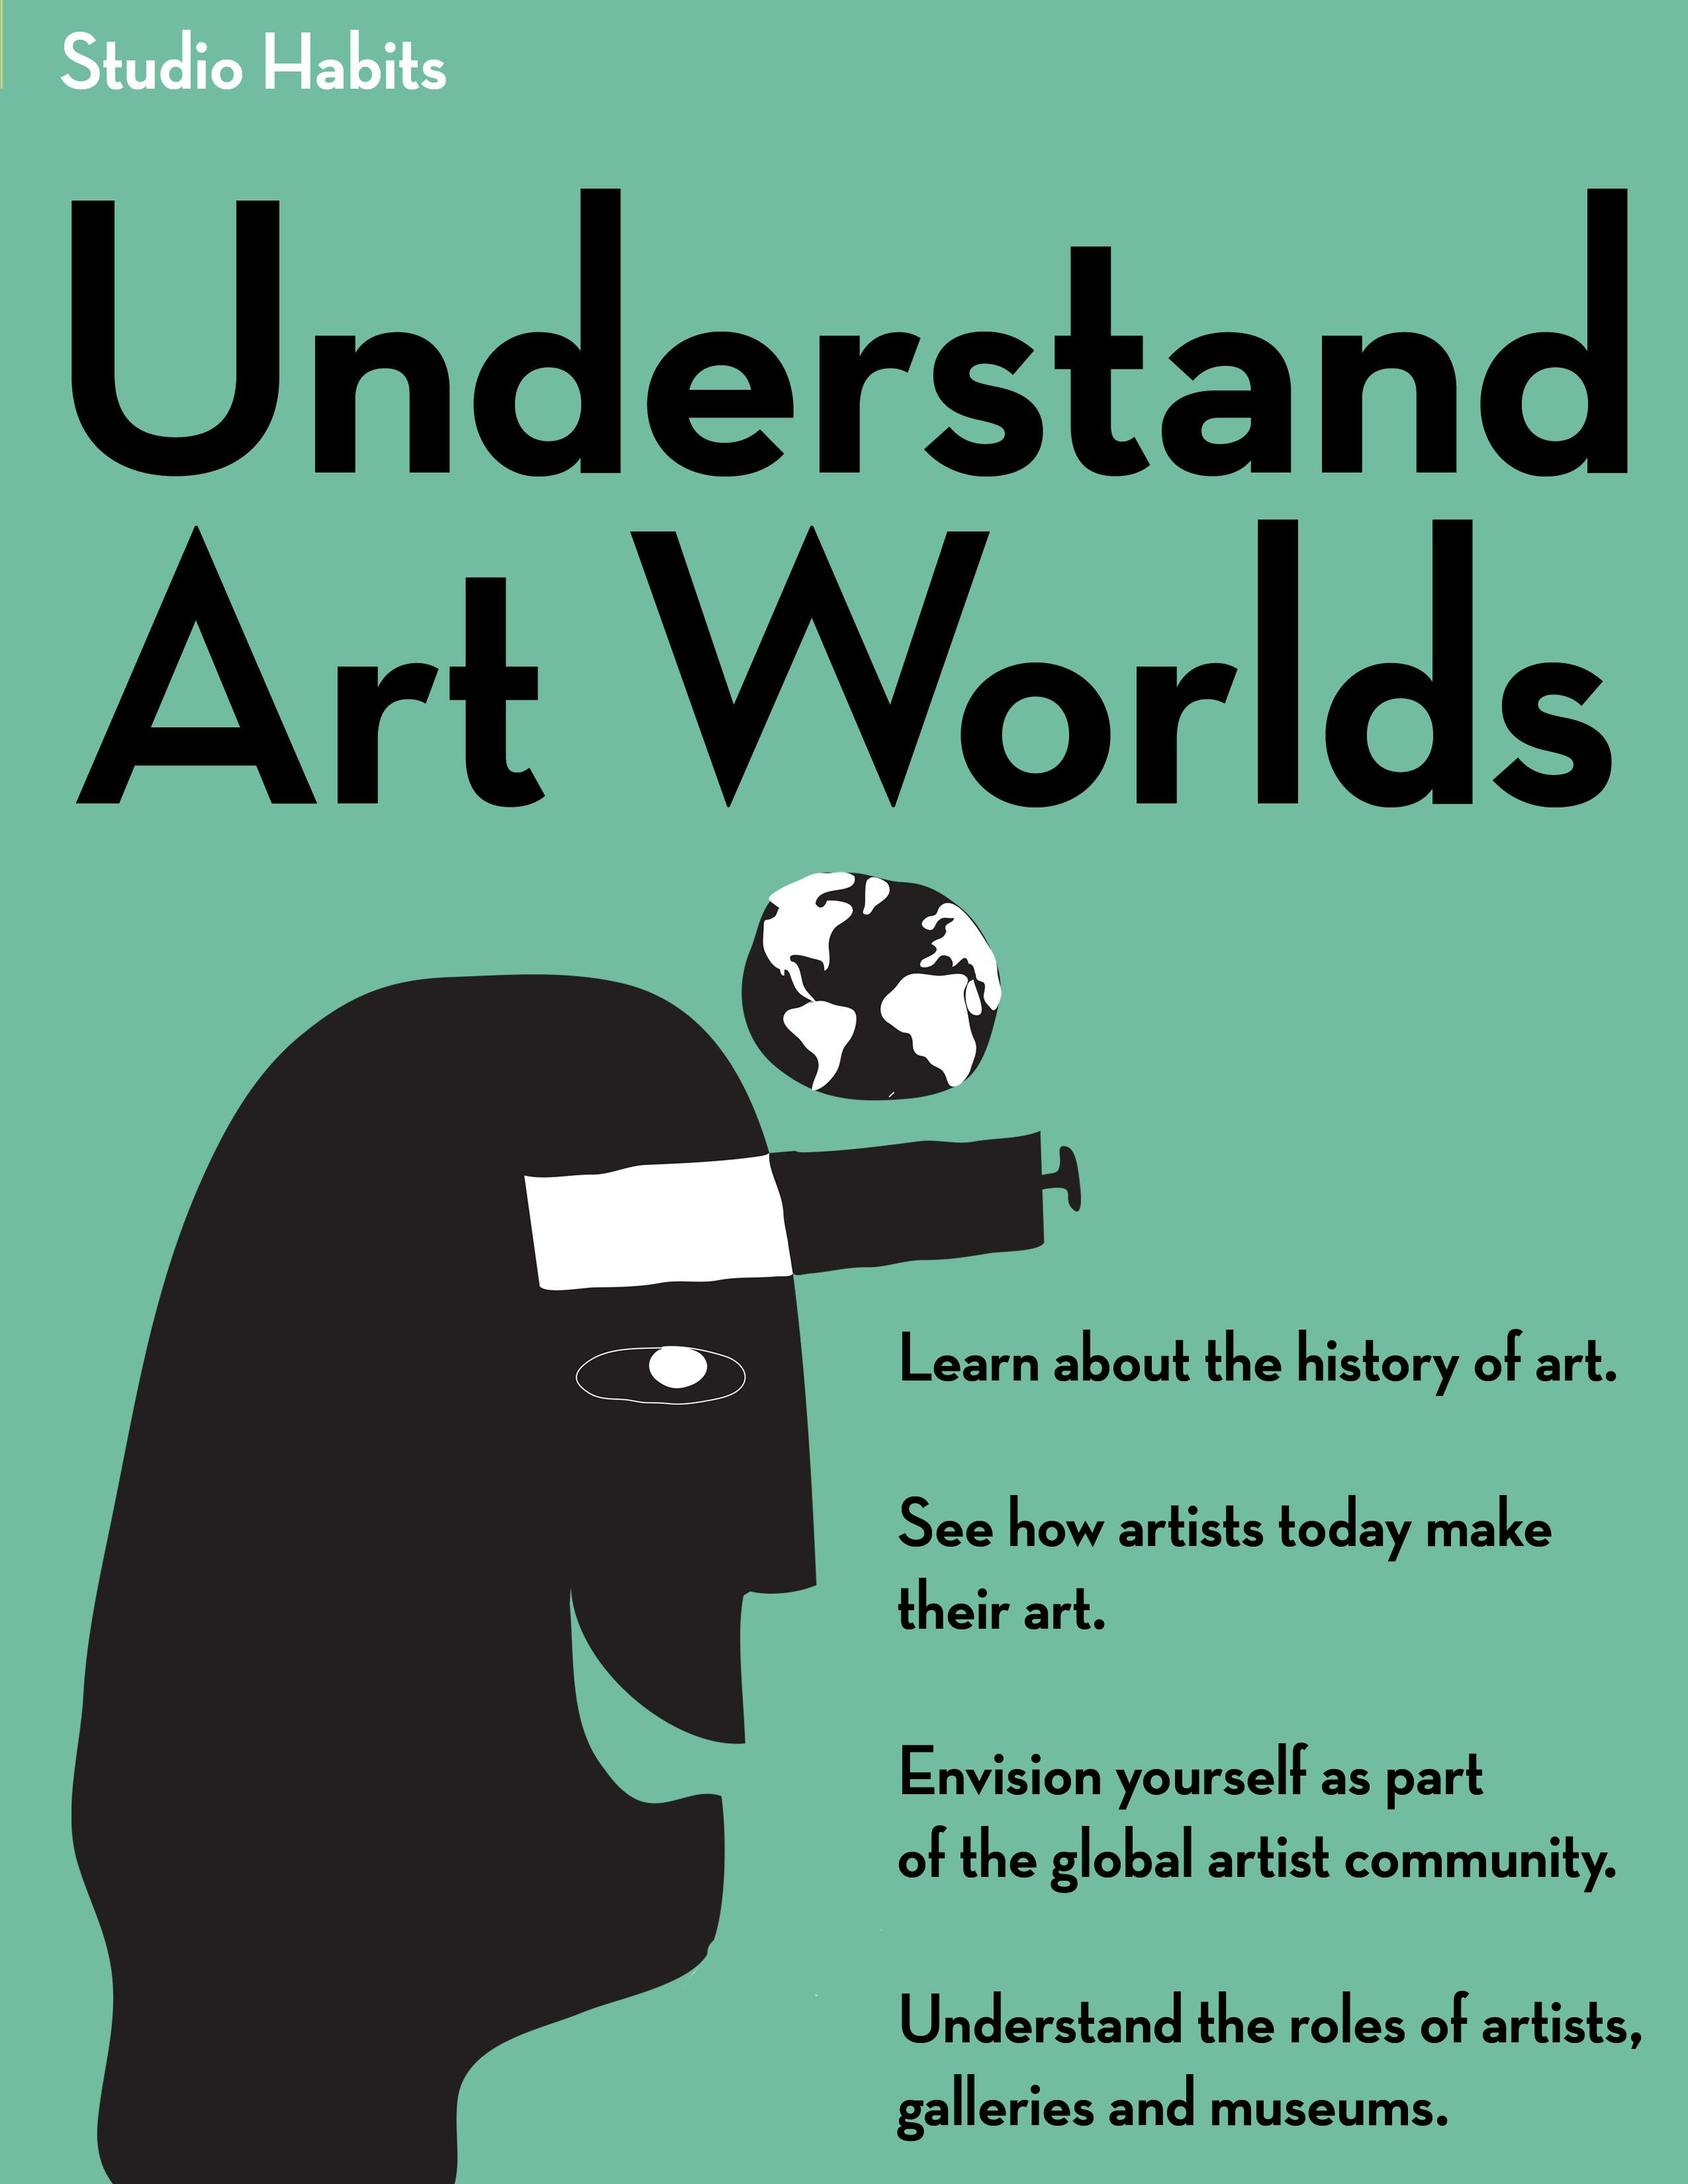 Understanding The Art World